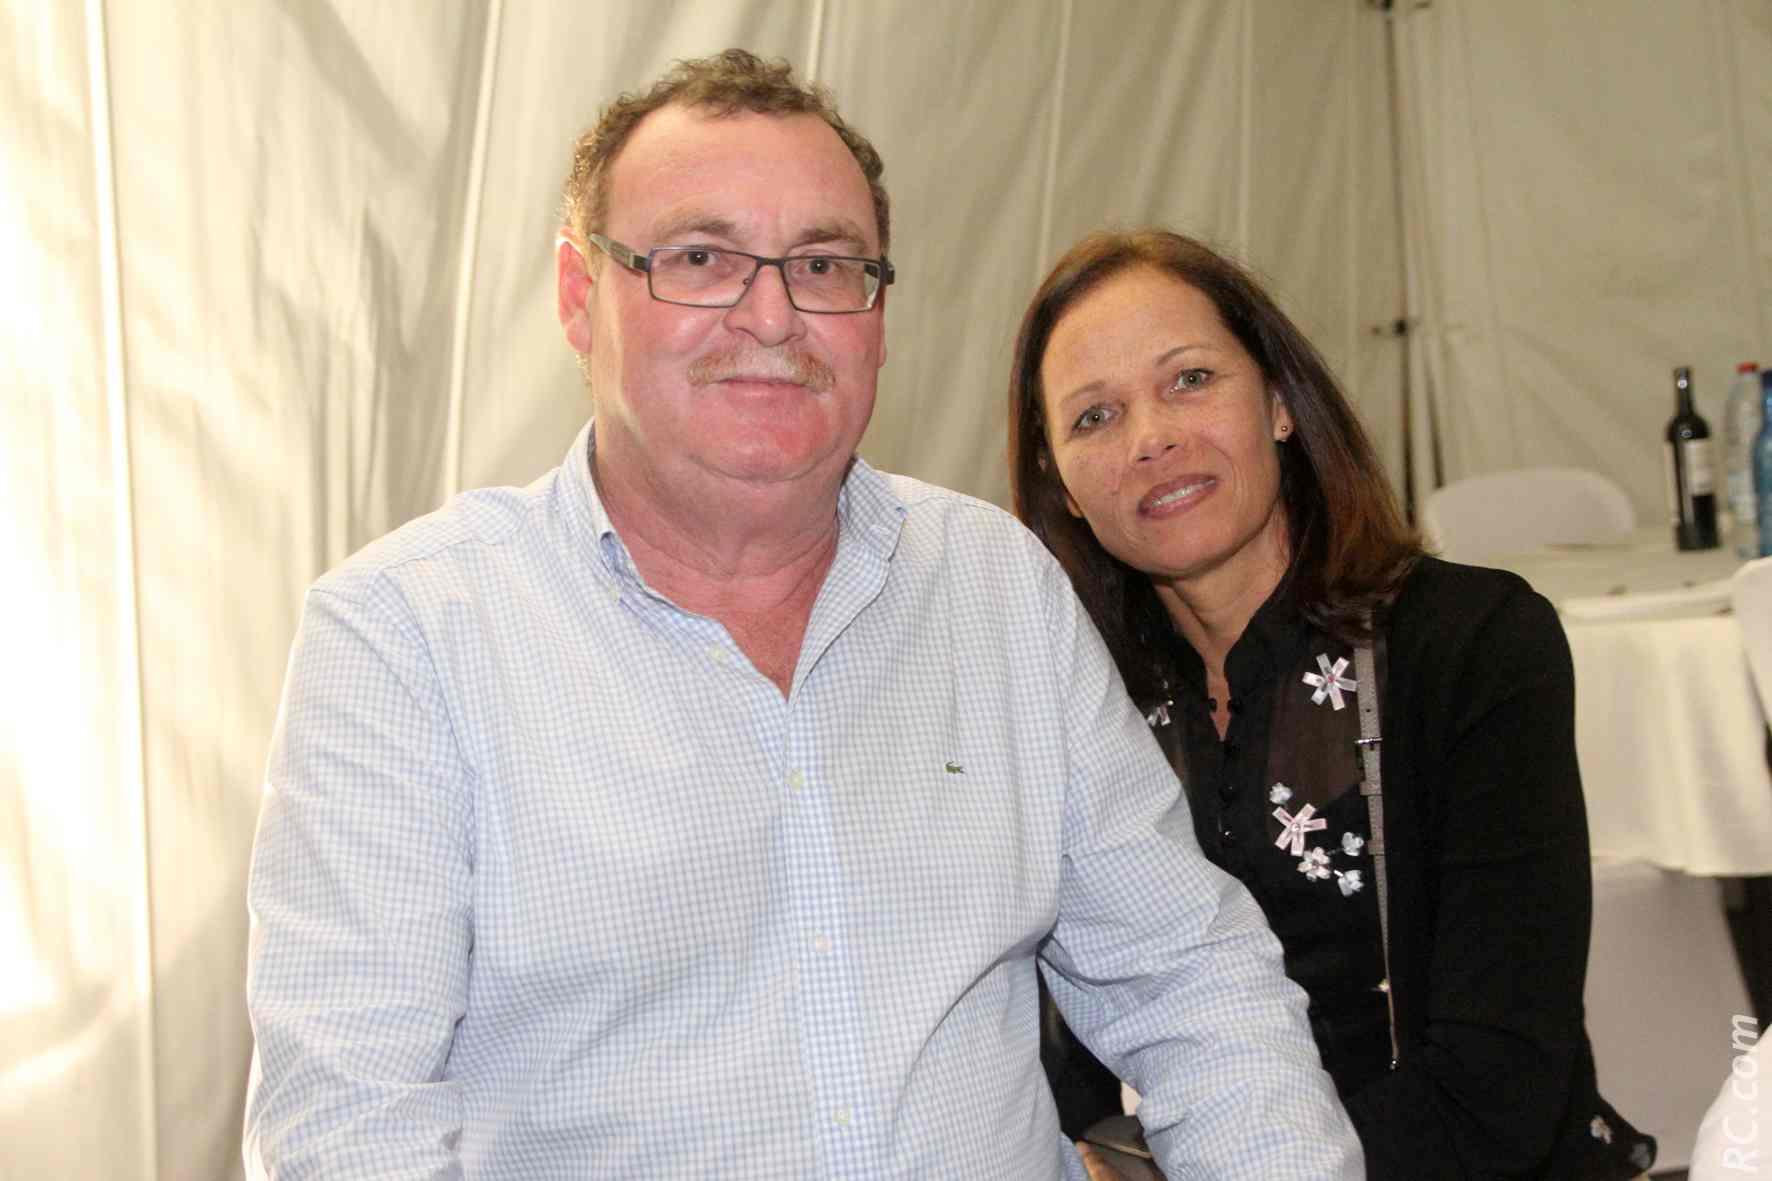 Alin Guezello de la Région et son épouse